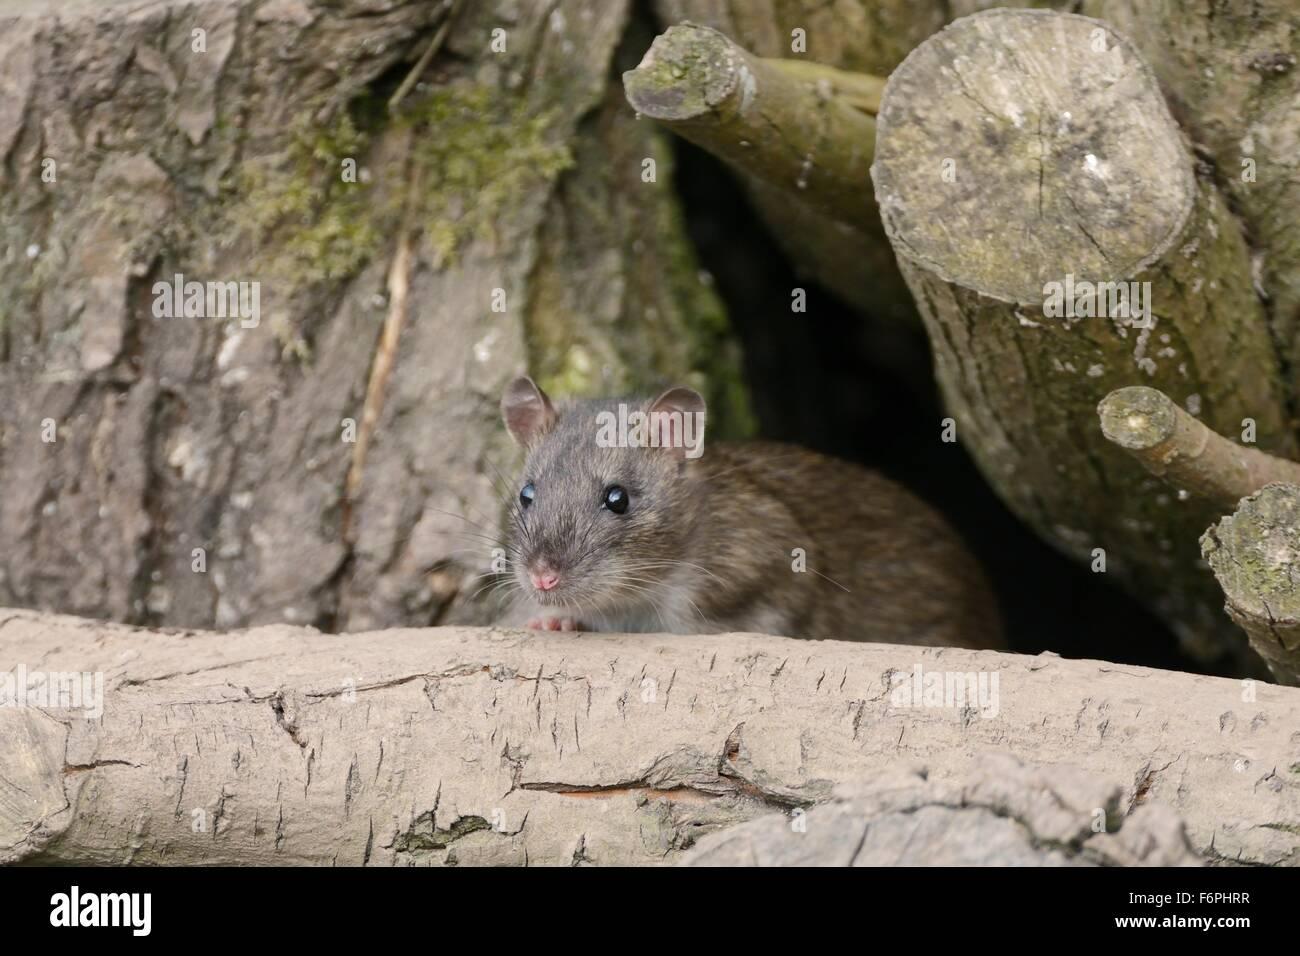 Juvenile Brown rat (Rattus norvegicus)  climbing in a wood pile, Gloucestershire, UK. - Stock Image